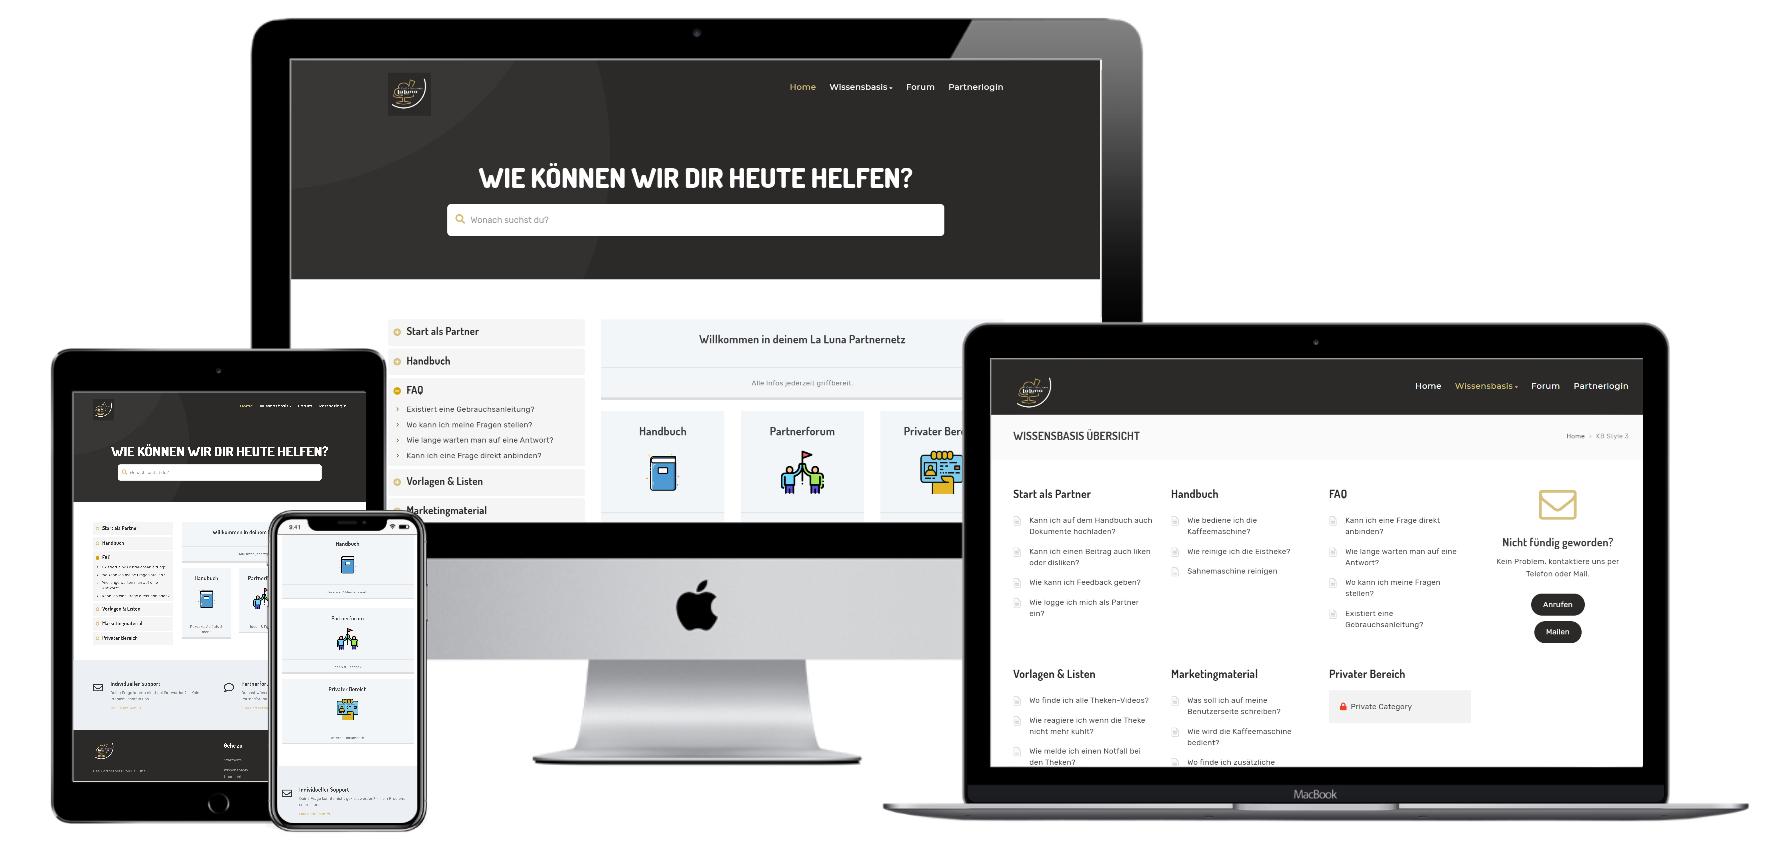 Online Handbuch_La luna